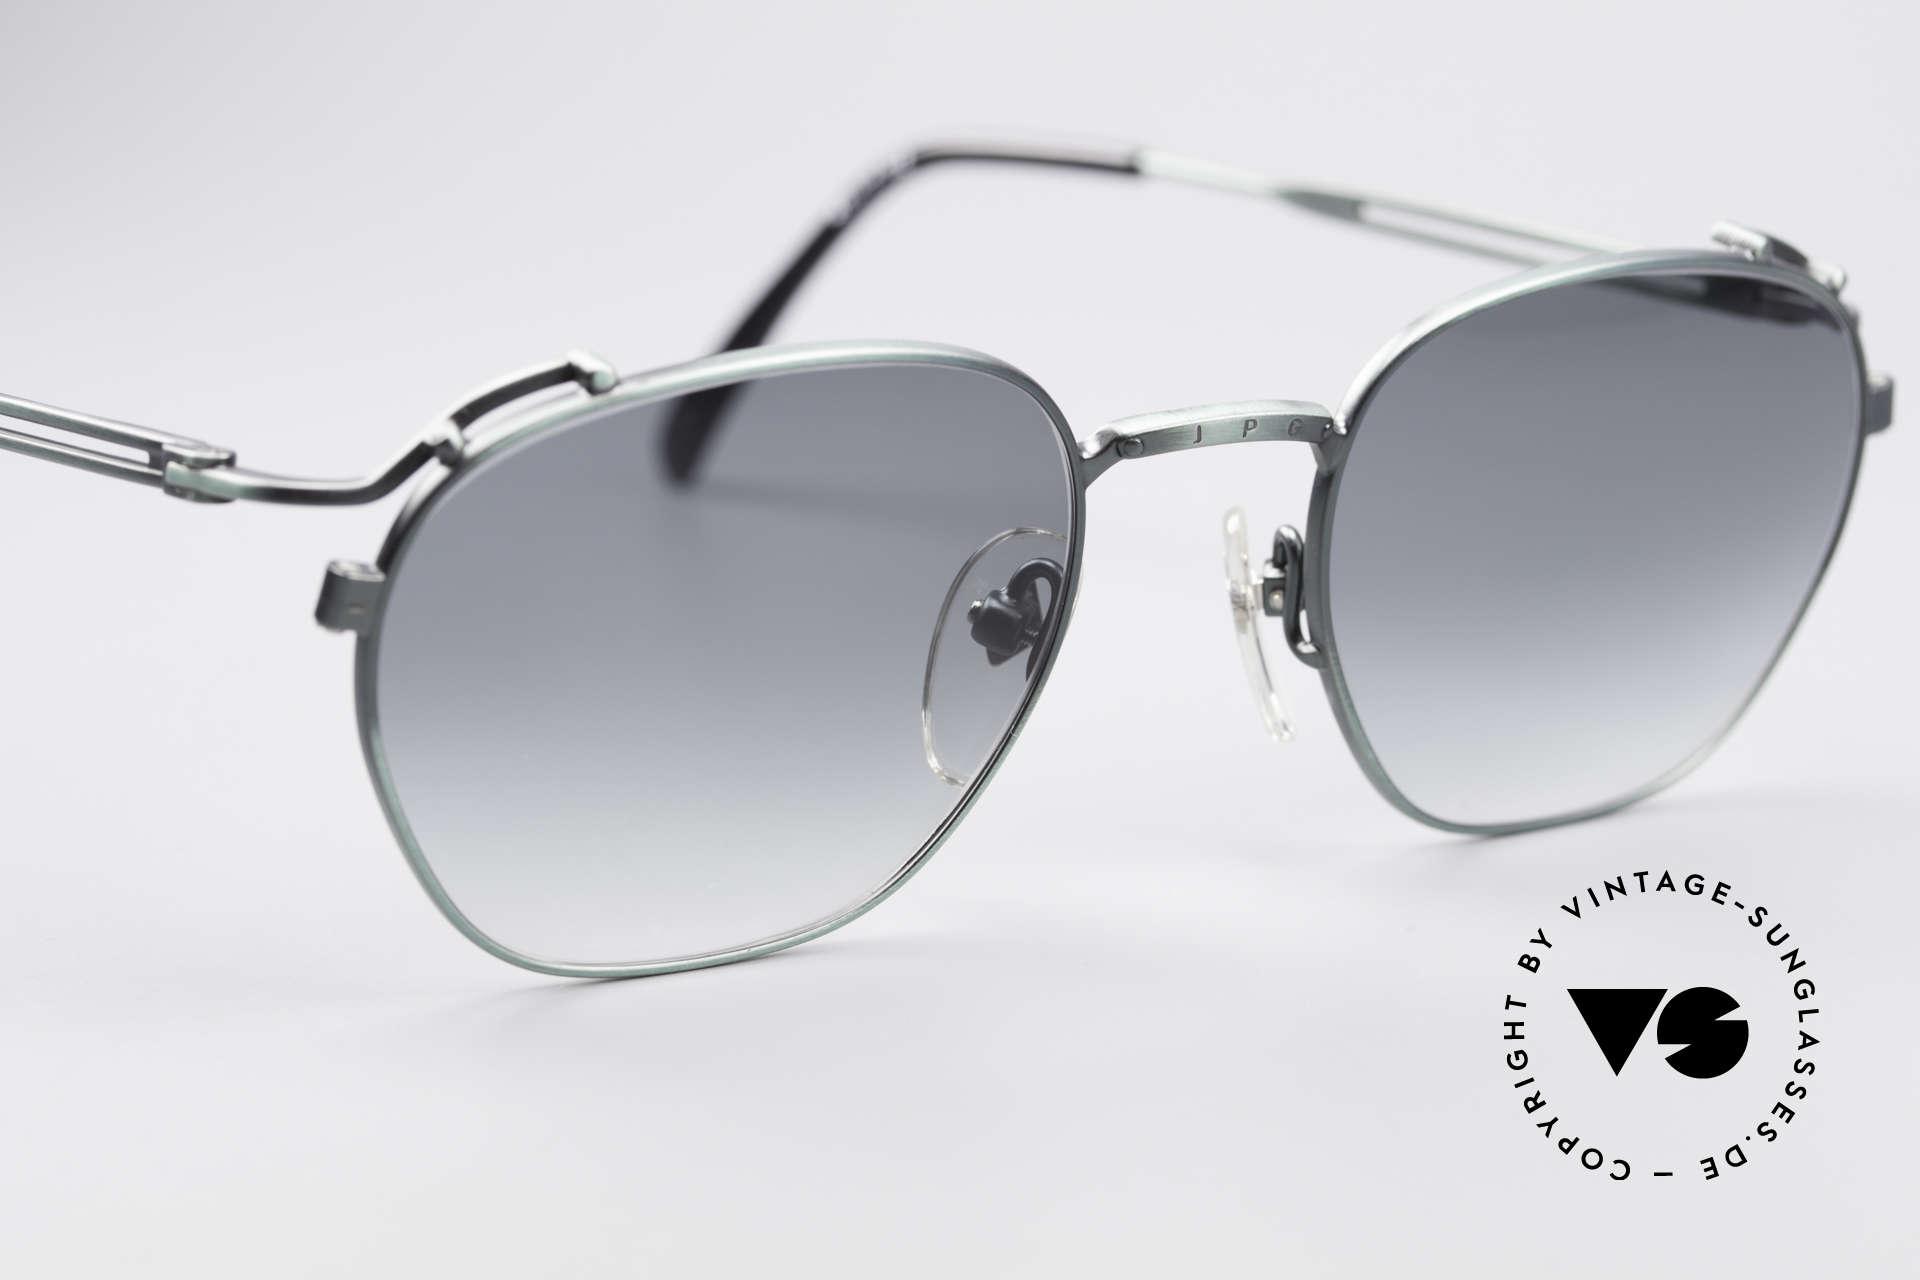 Jean Paul Gaultier 55-3173 90's Designer Sunglasses, unworn (like all our old 90s designer sunglasses), Made for Men and Women